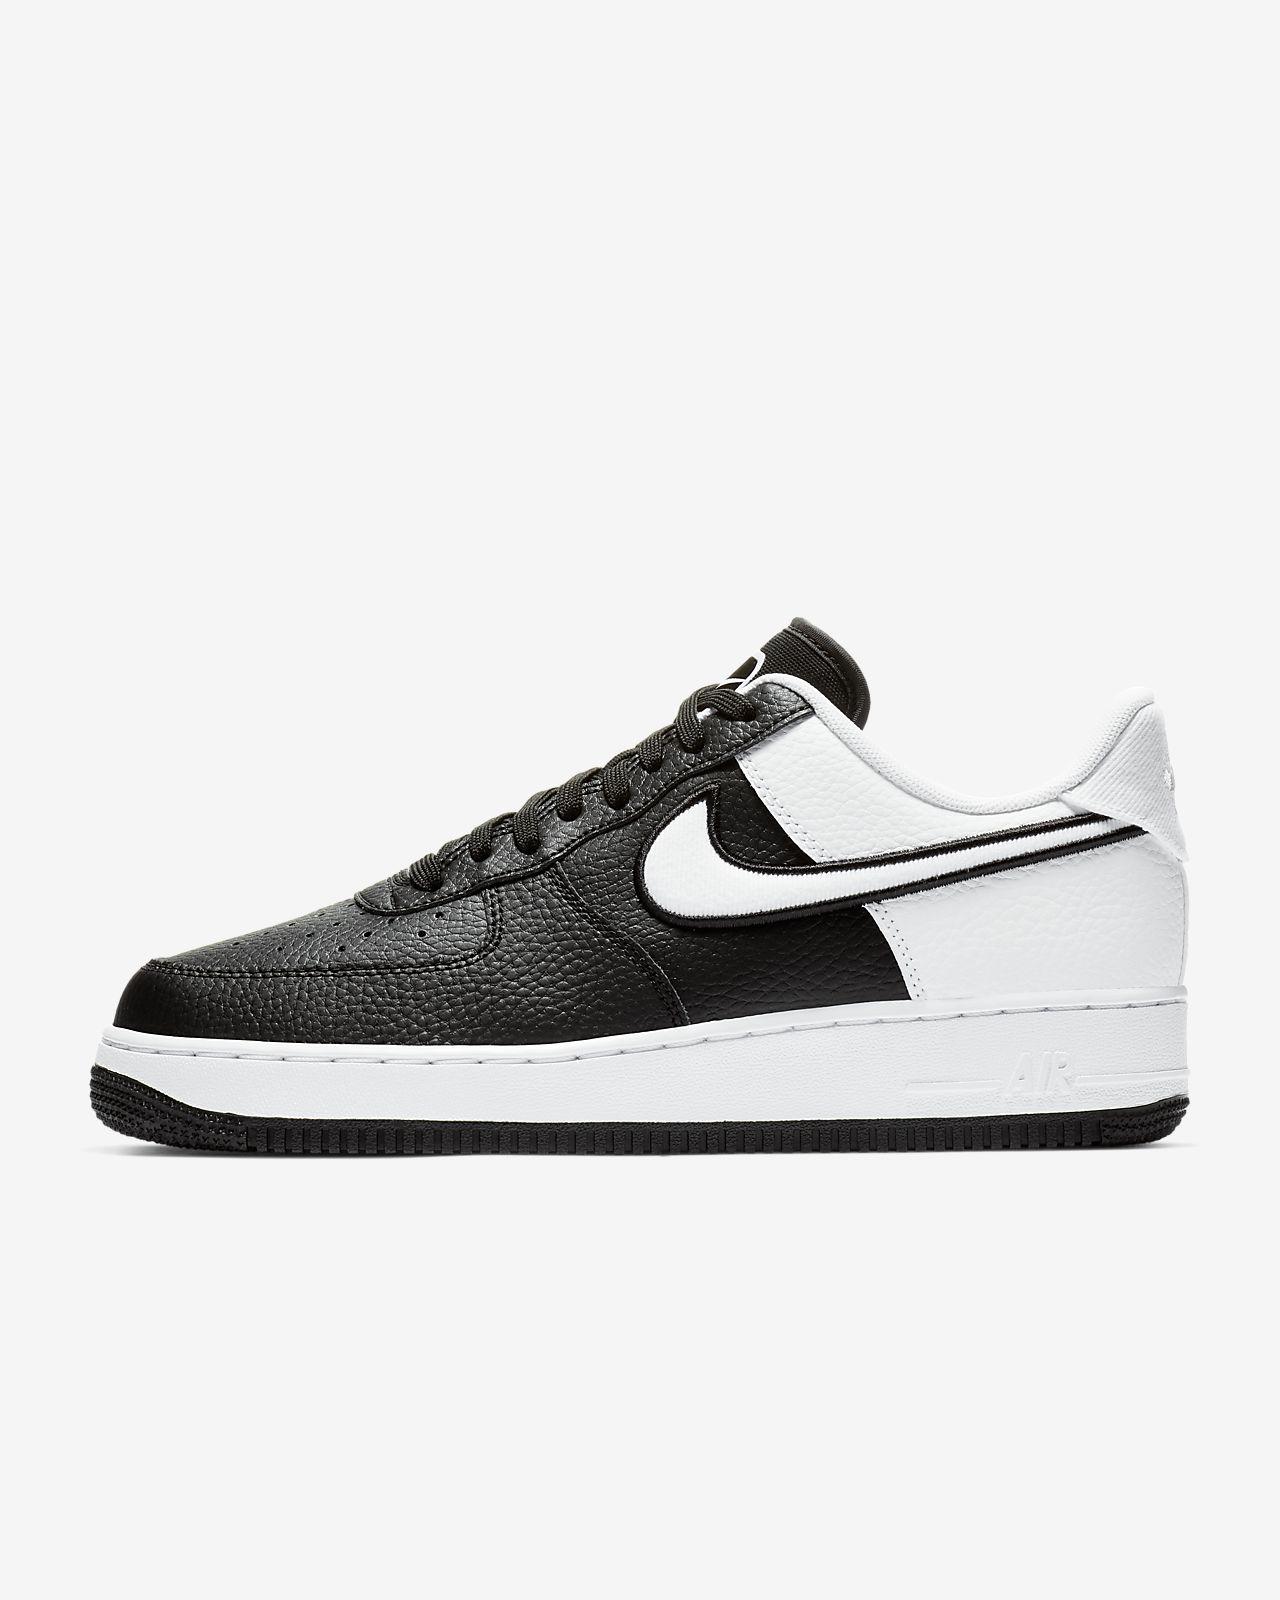 รองเท้าผู้ชาย Nike Air Force 1 '07 LV8 1